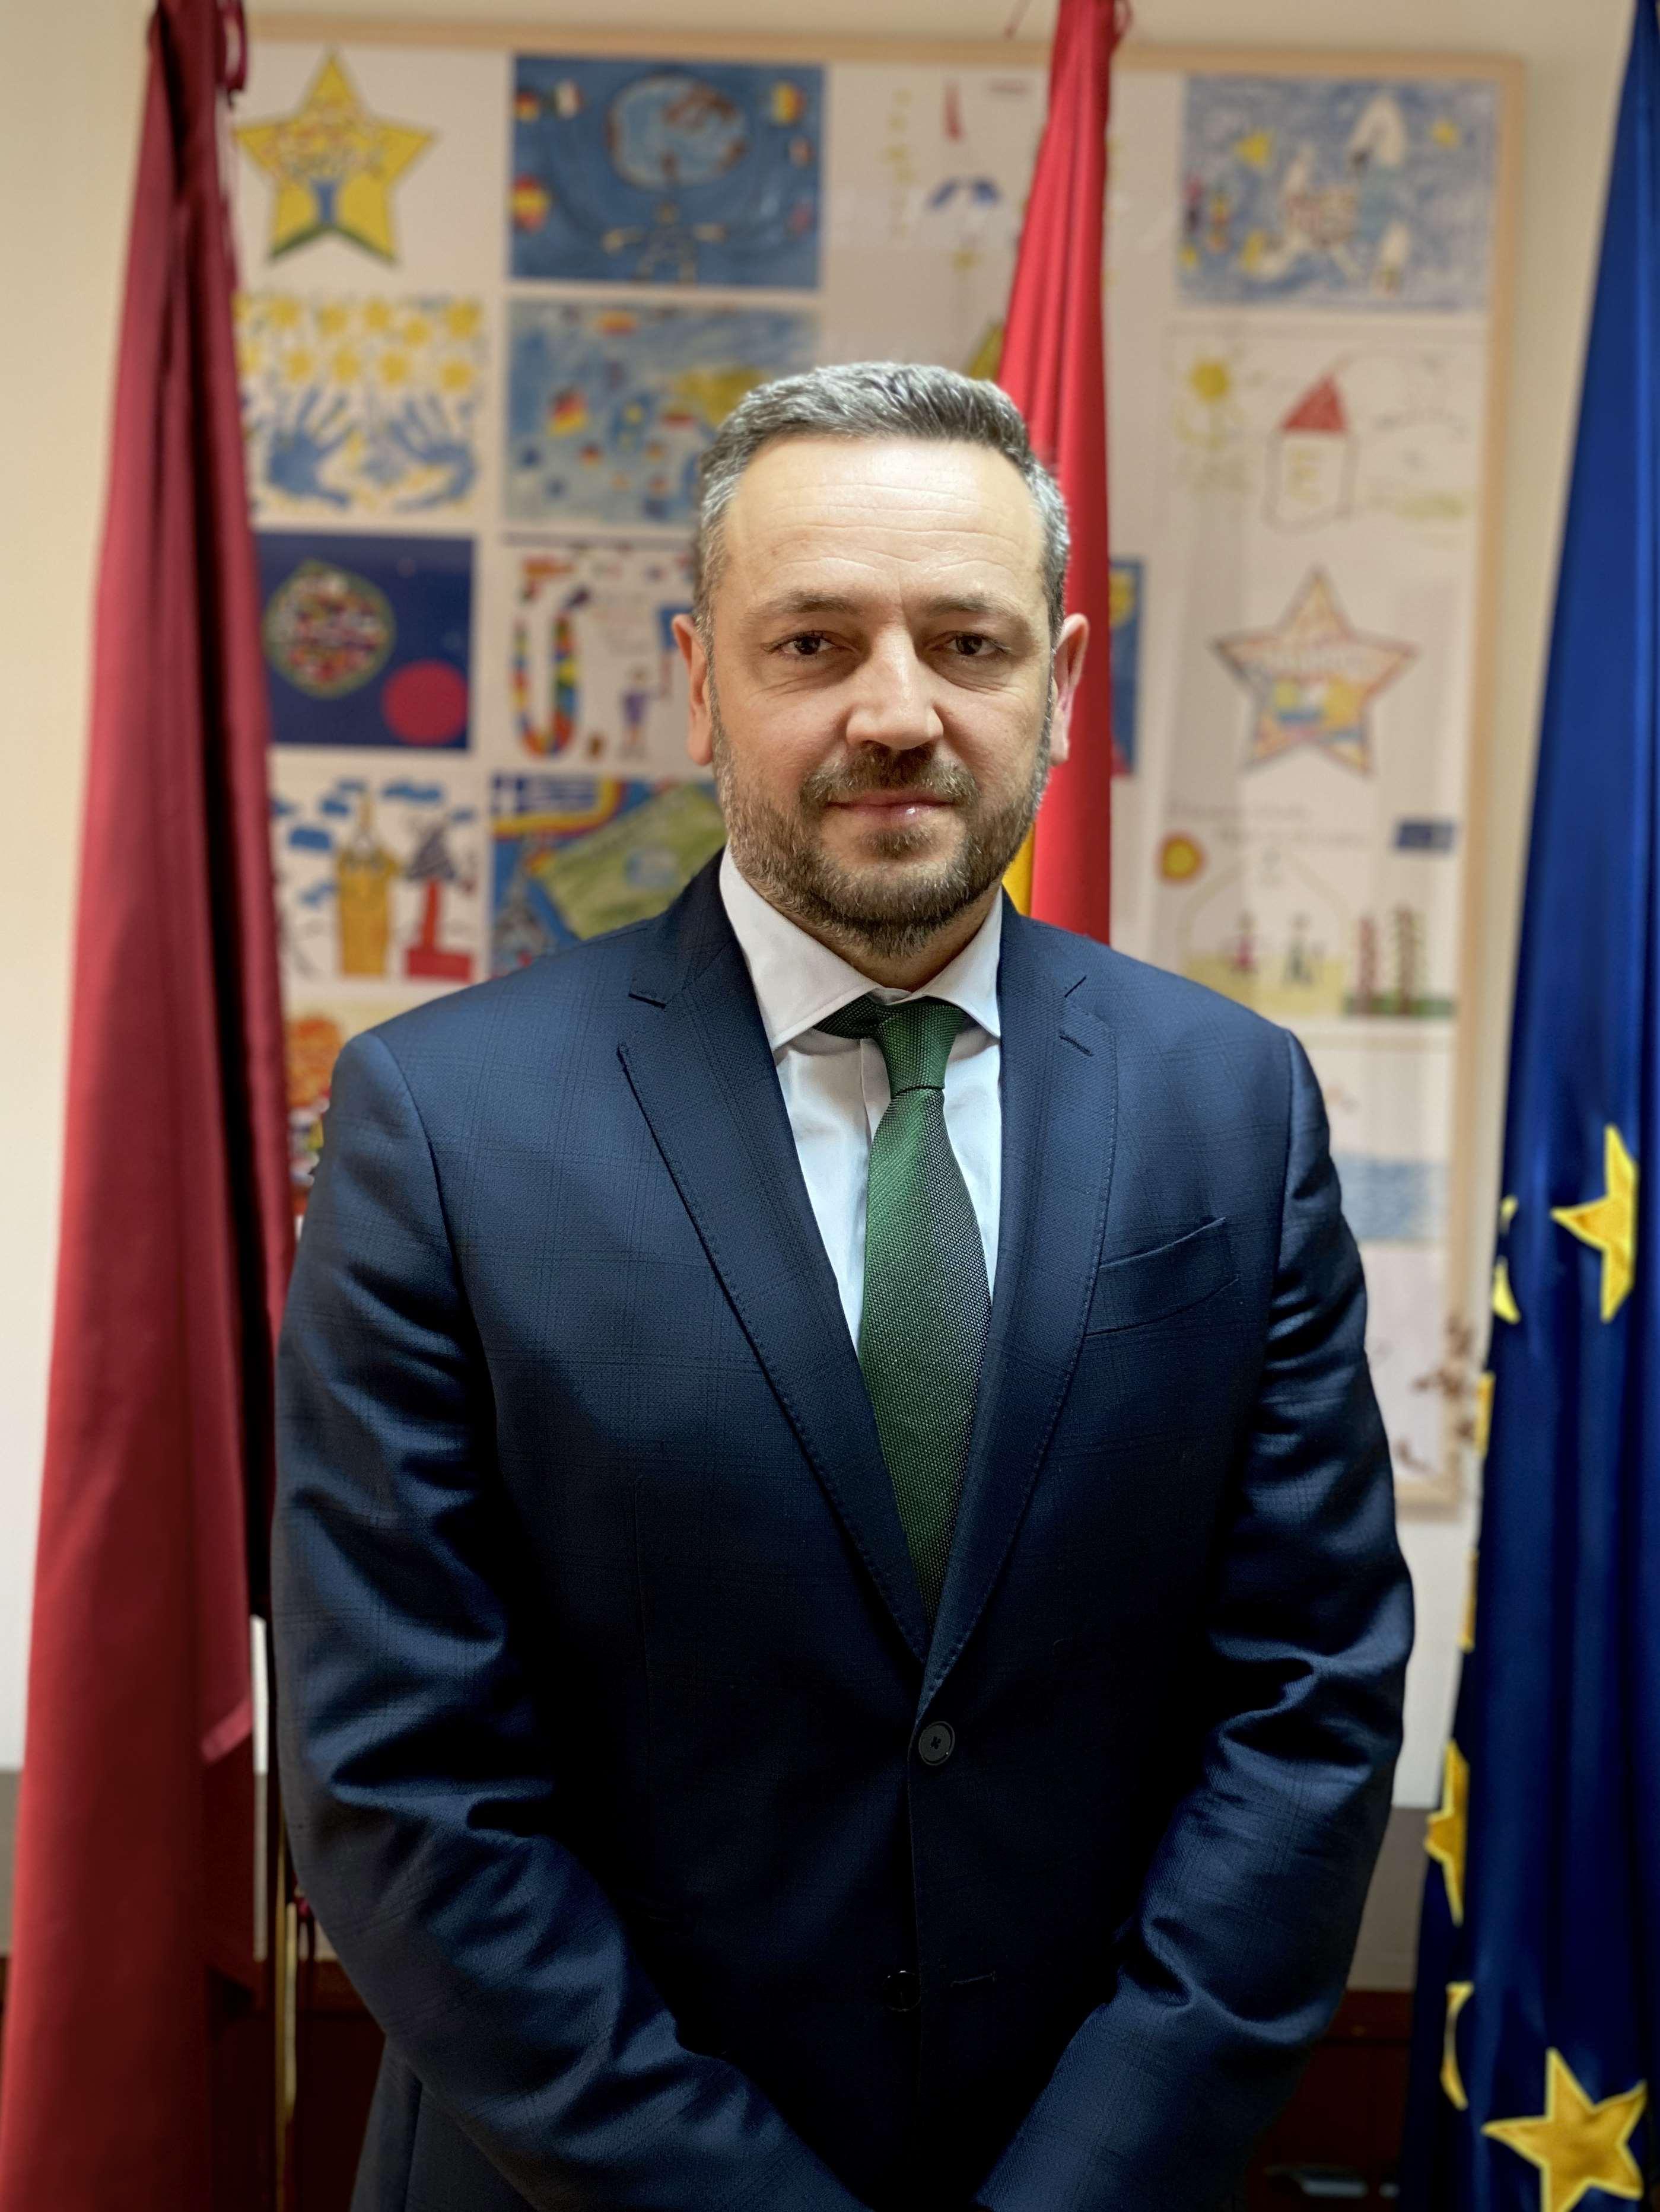 Juan José MARTÍNEZ LOZANO